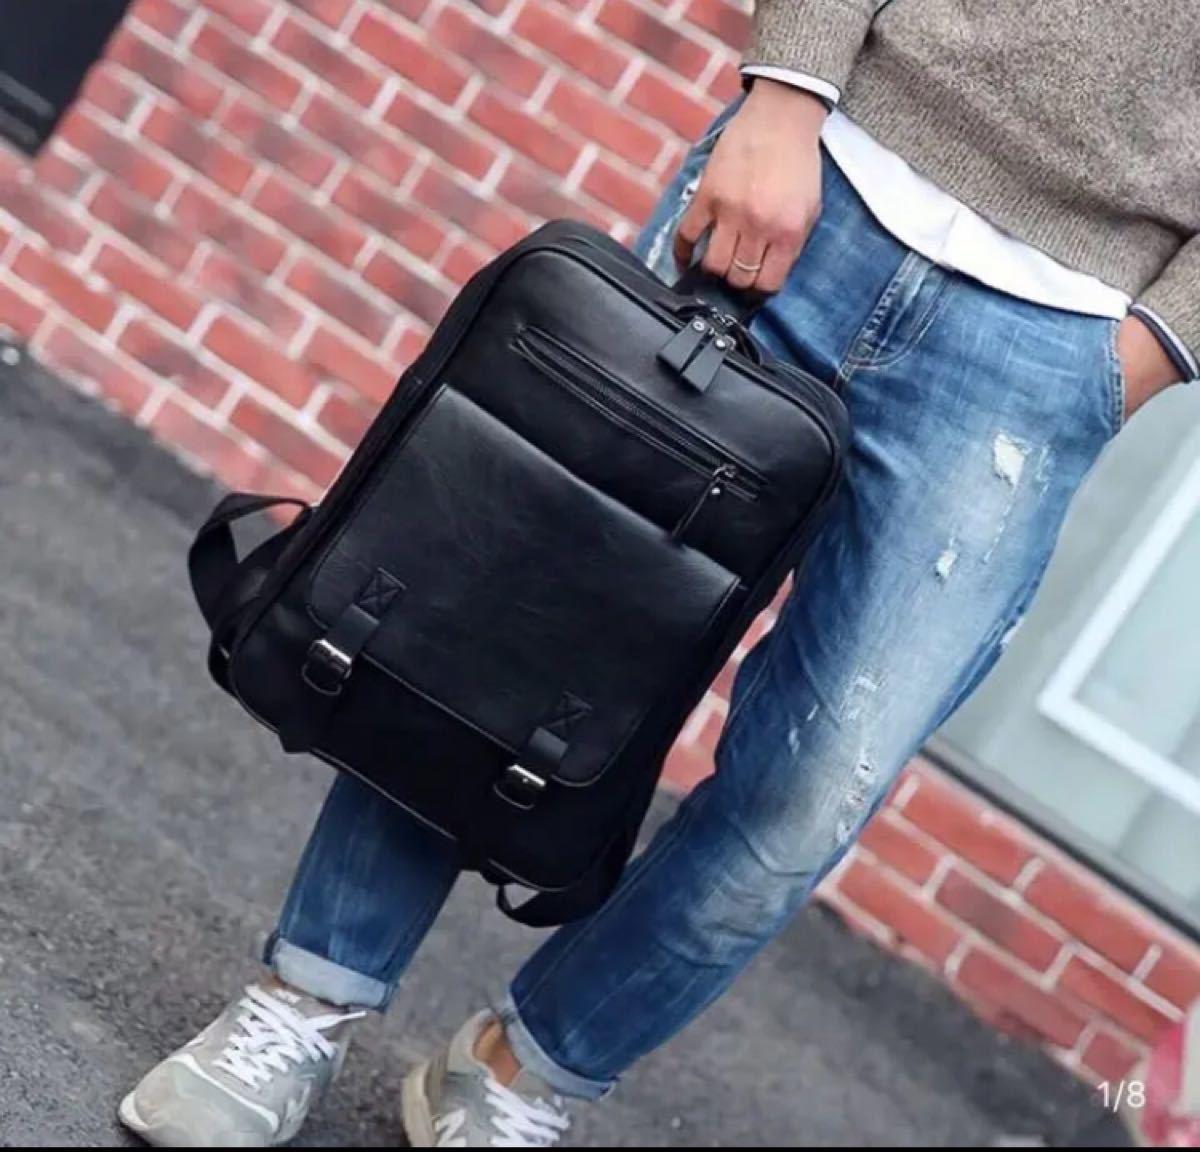 メンズリュックサック リュック ビジネスバッグ バックパック レザー ブラック 黒 通学 入学 ビジネスリュック  シンプル